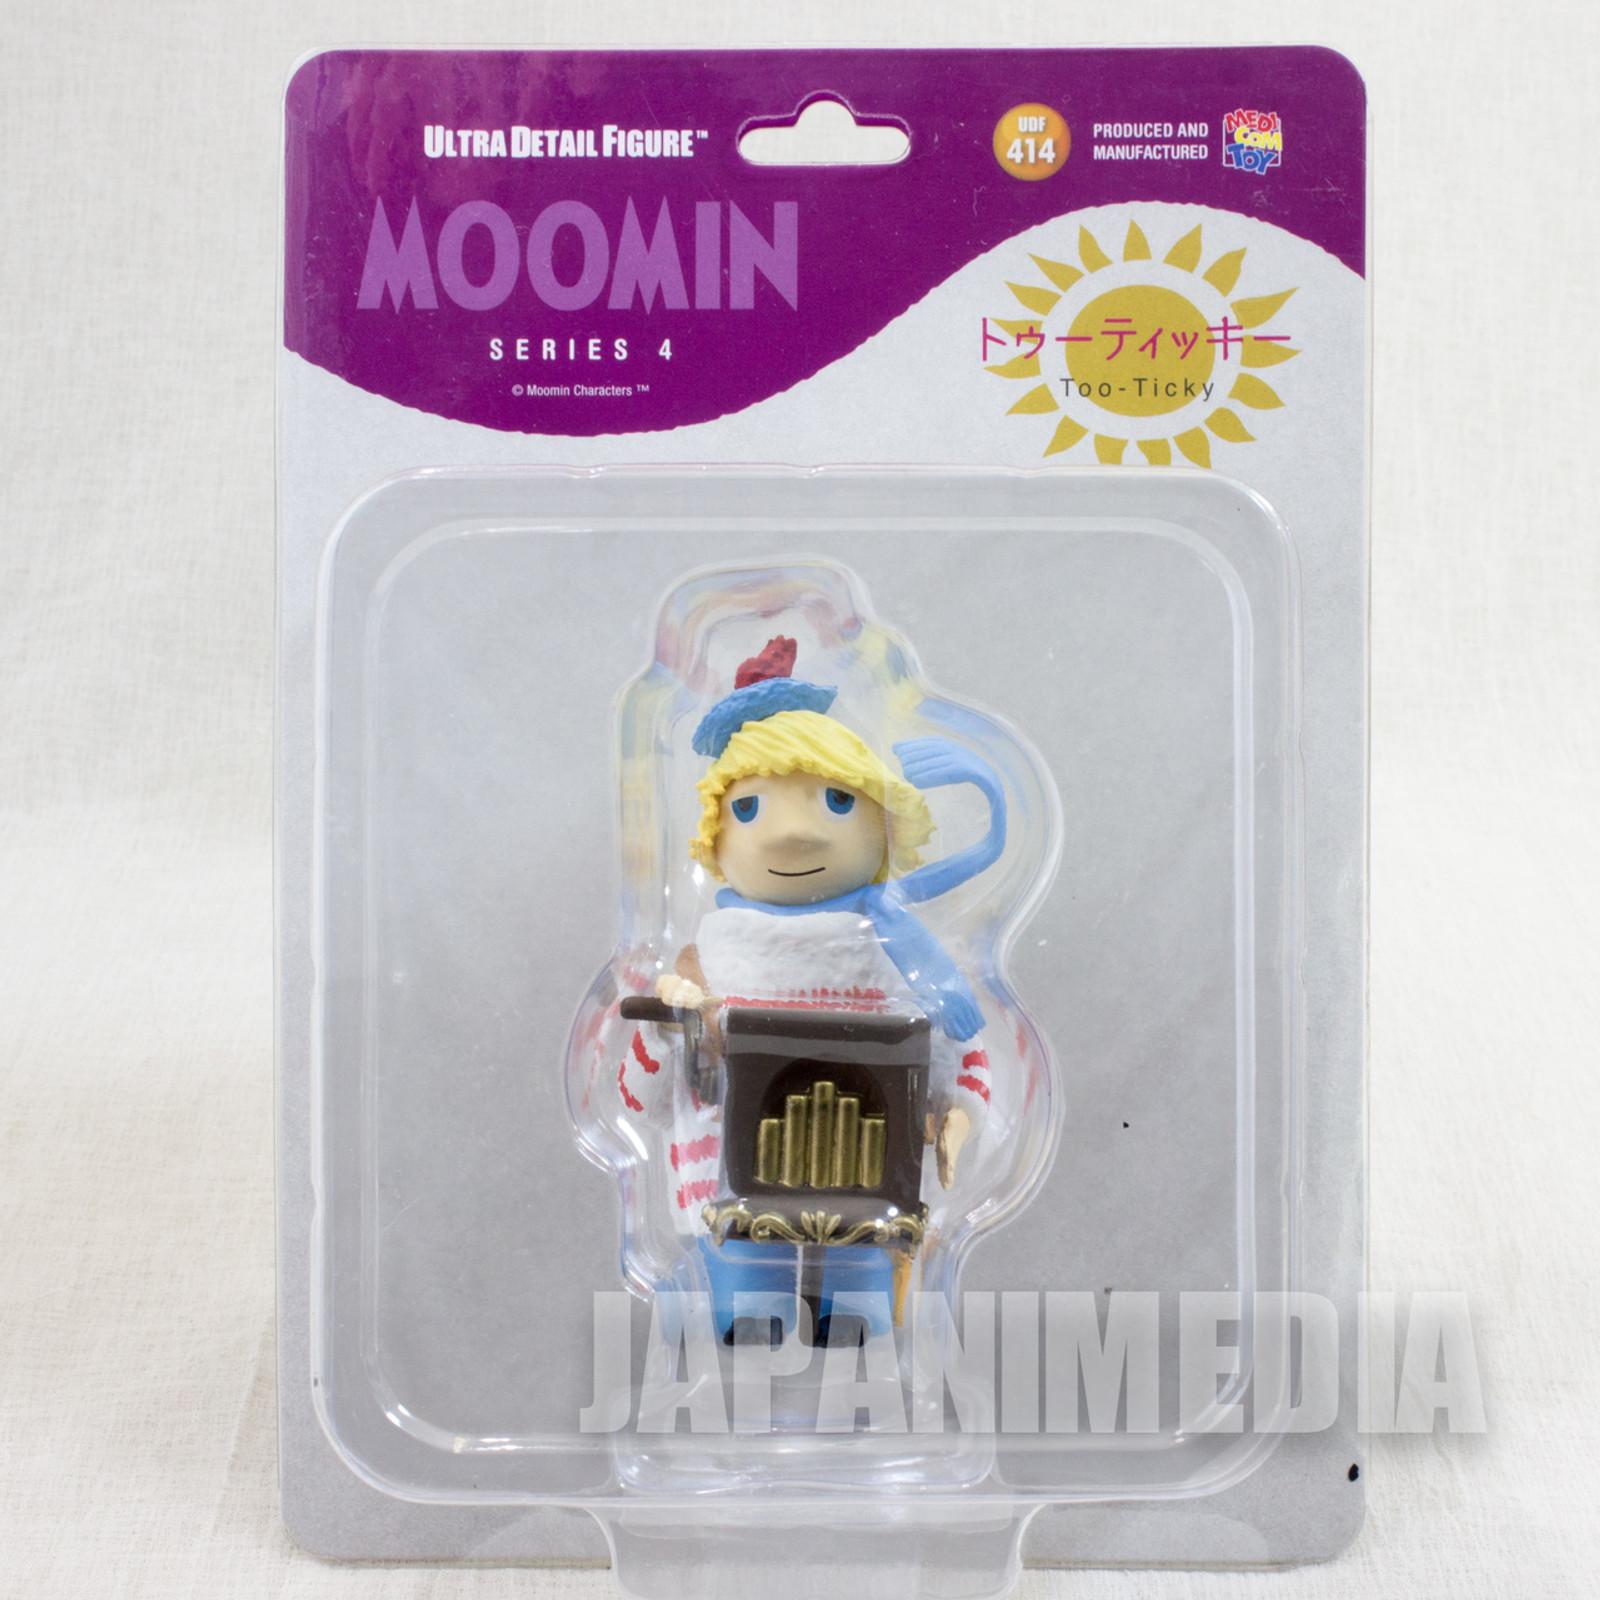 Moomin Too Ticky Ultra Detail Figure UDF Medicom Toy JAPAN